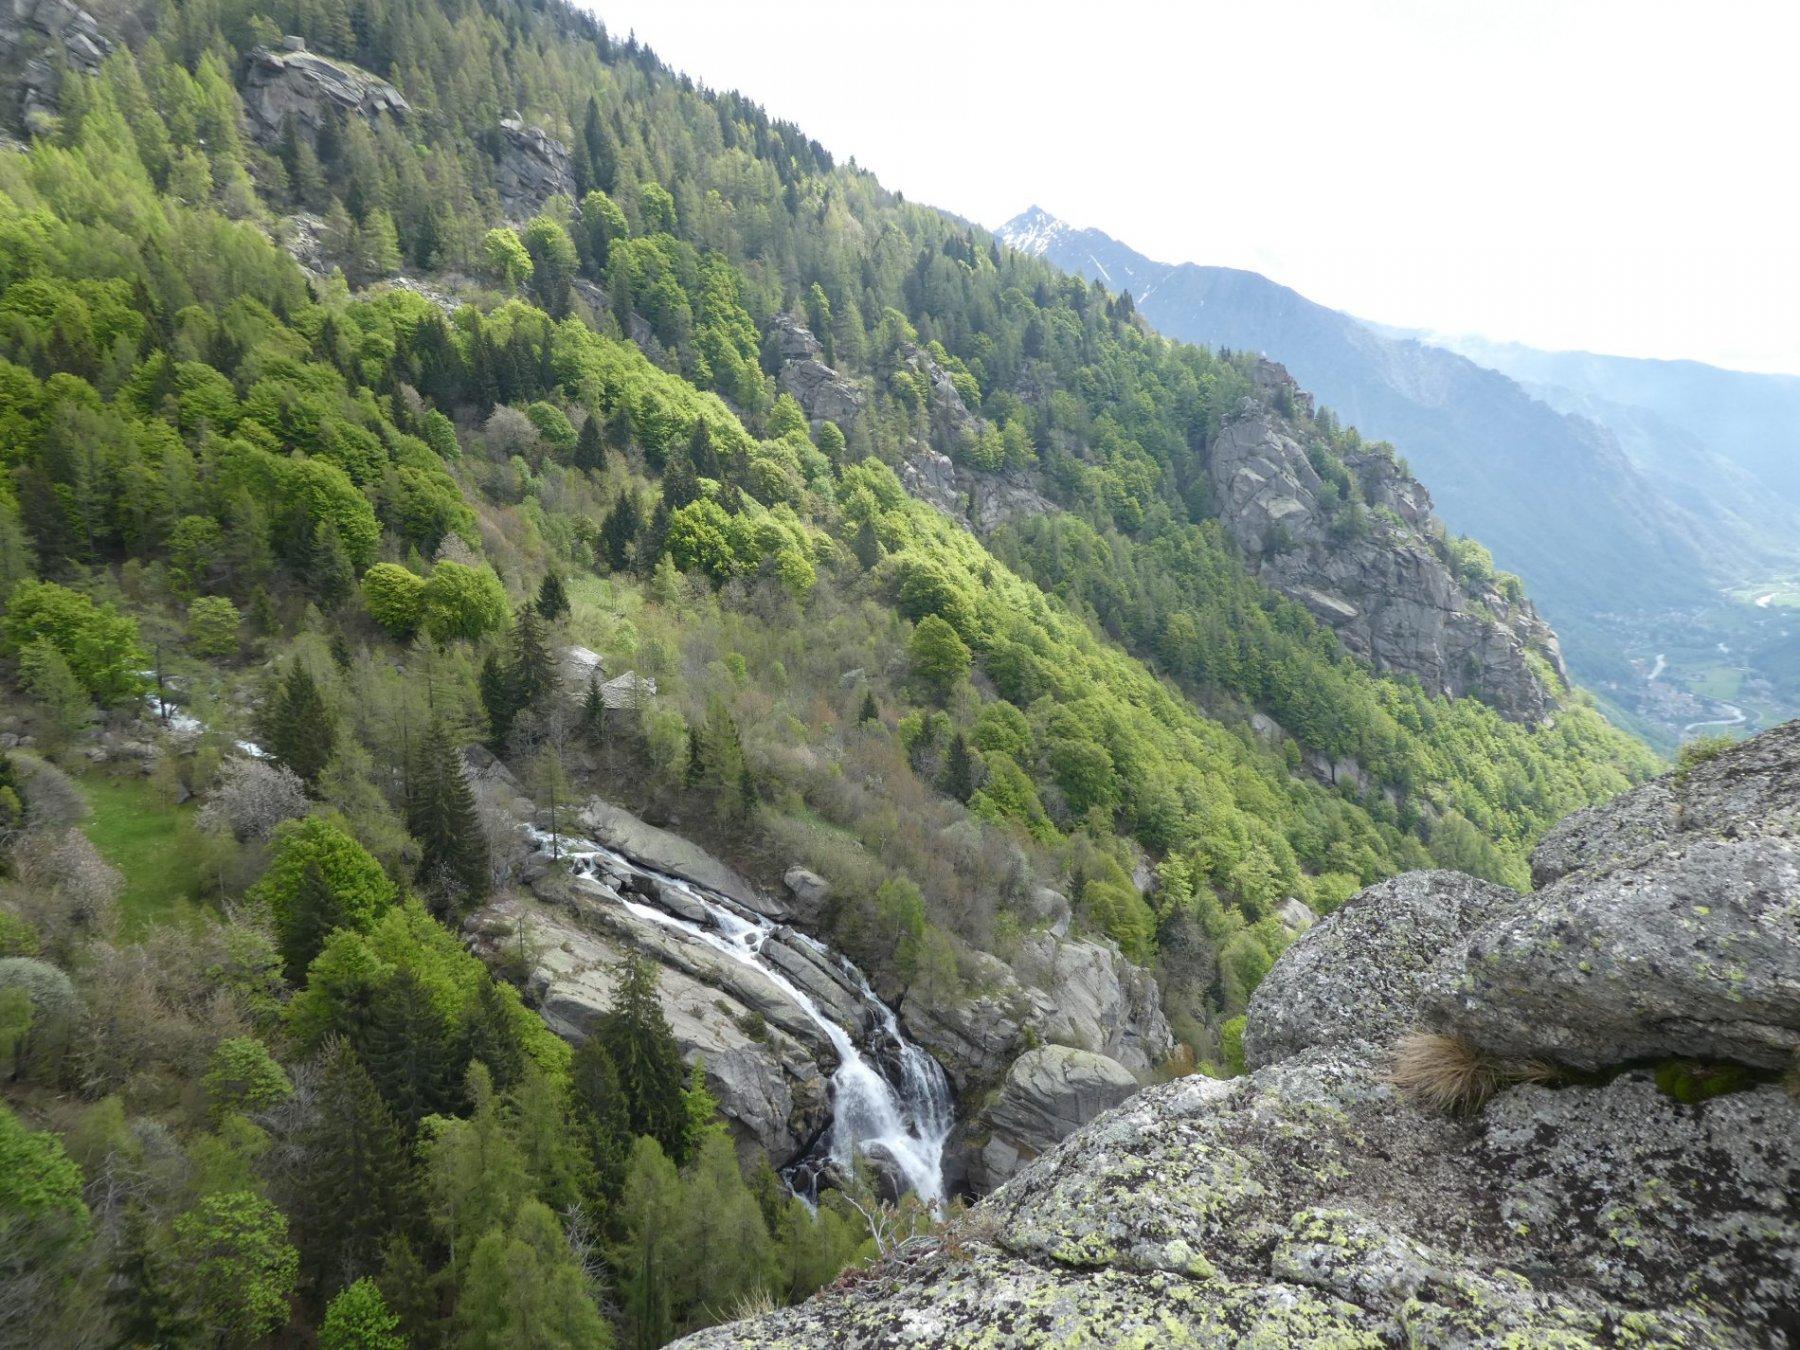 dalla punta veduta cascata e Bellavarda sullo sfondo